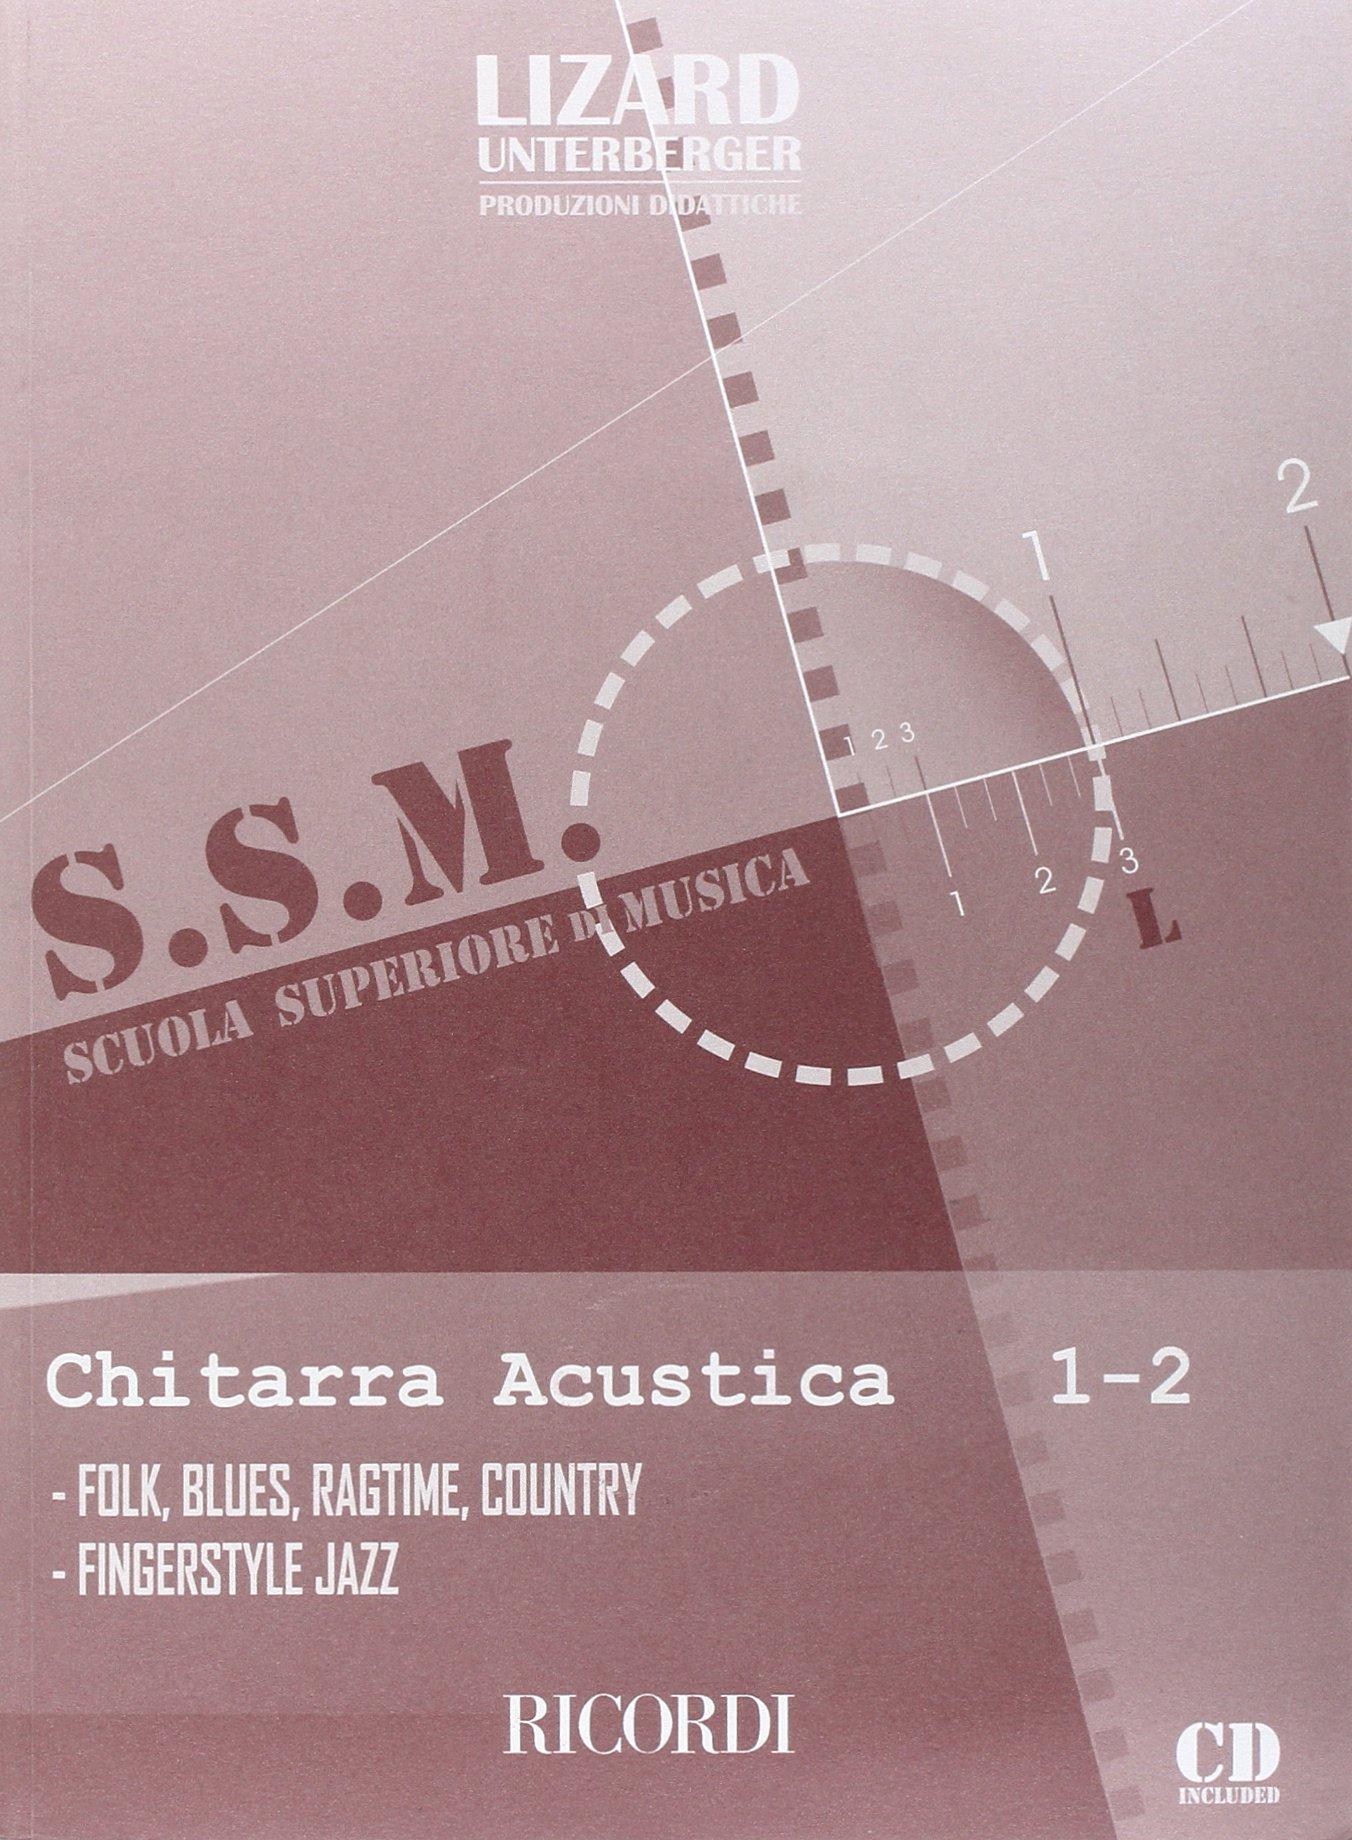 CHITARRA ACUSTICA - VOL. 1-2 Spartito musicale – 19 feb 2008 MASTRANGELO - UNTERBERGER Ricordi 0215107314 Musique - danse